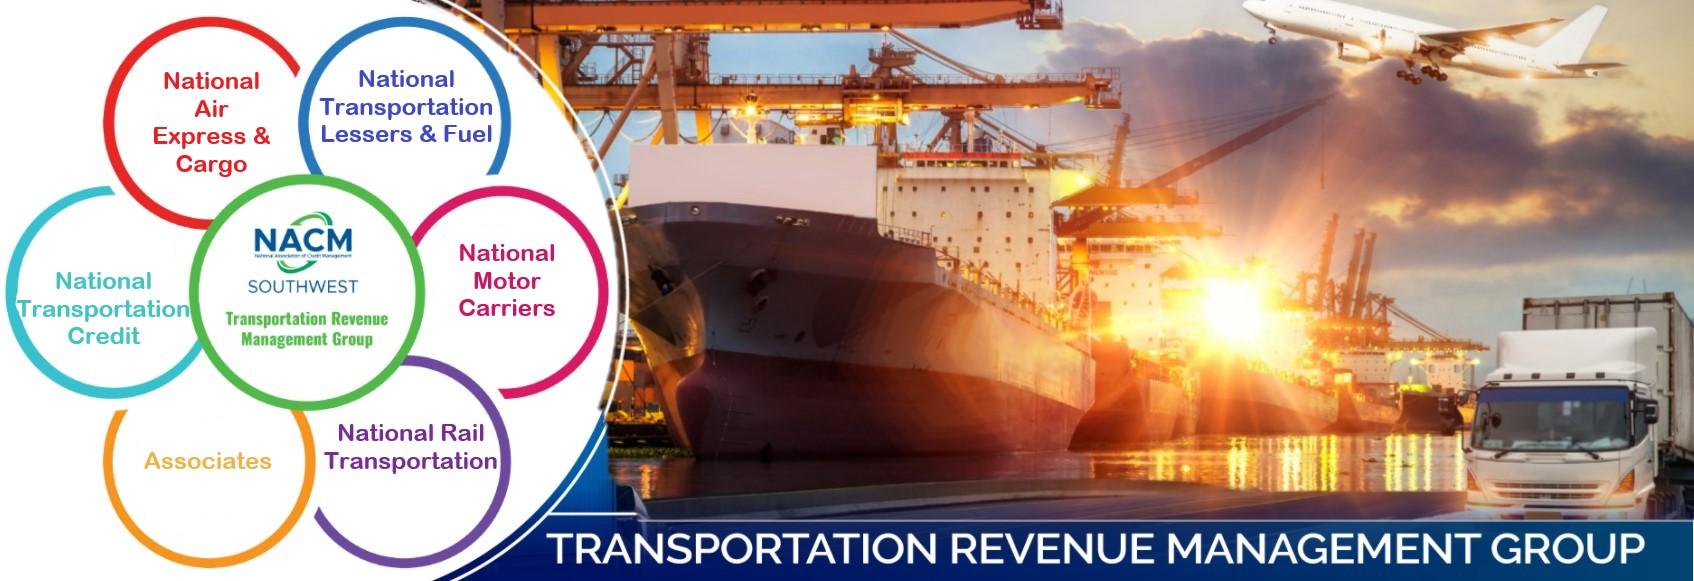 Transportation Revenue Management Group